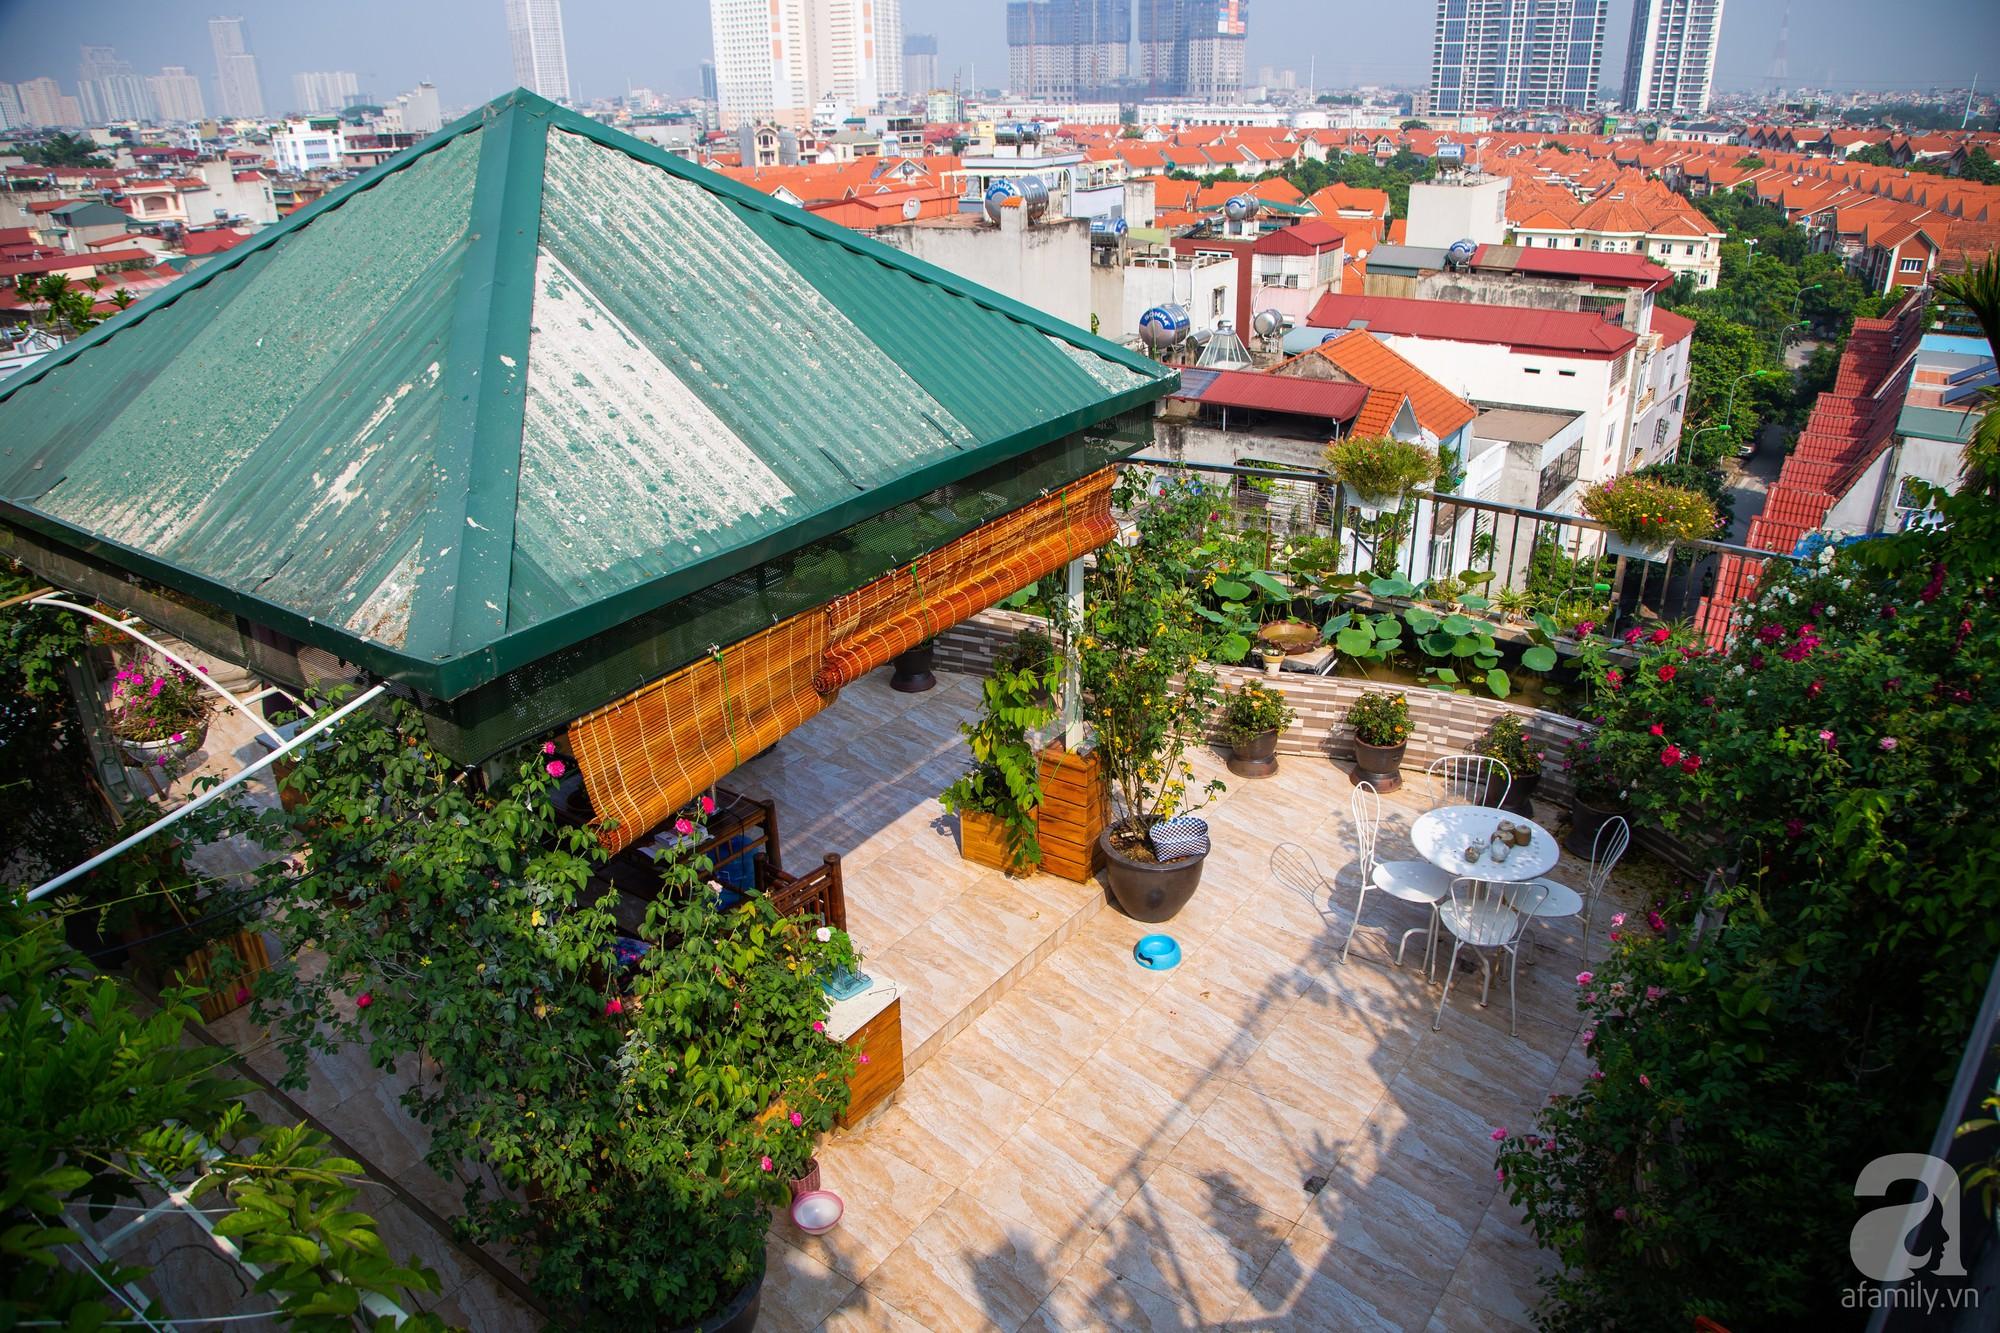 Khu vườn trên sân thượng rộng 200m² đẹp ngỡ ngàng với trăm loài hoa đua nhau khoe sắc ở Hà Nội - 11